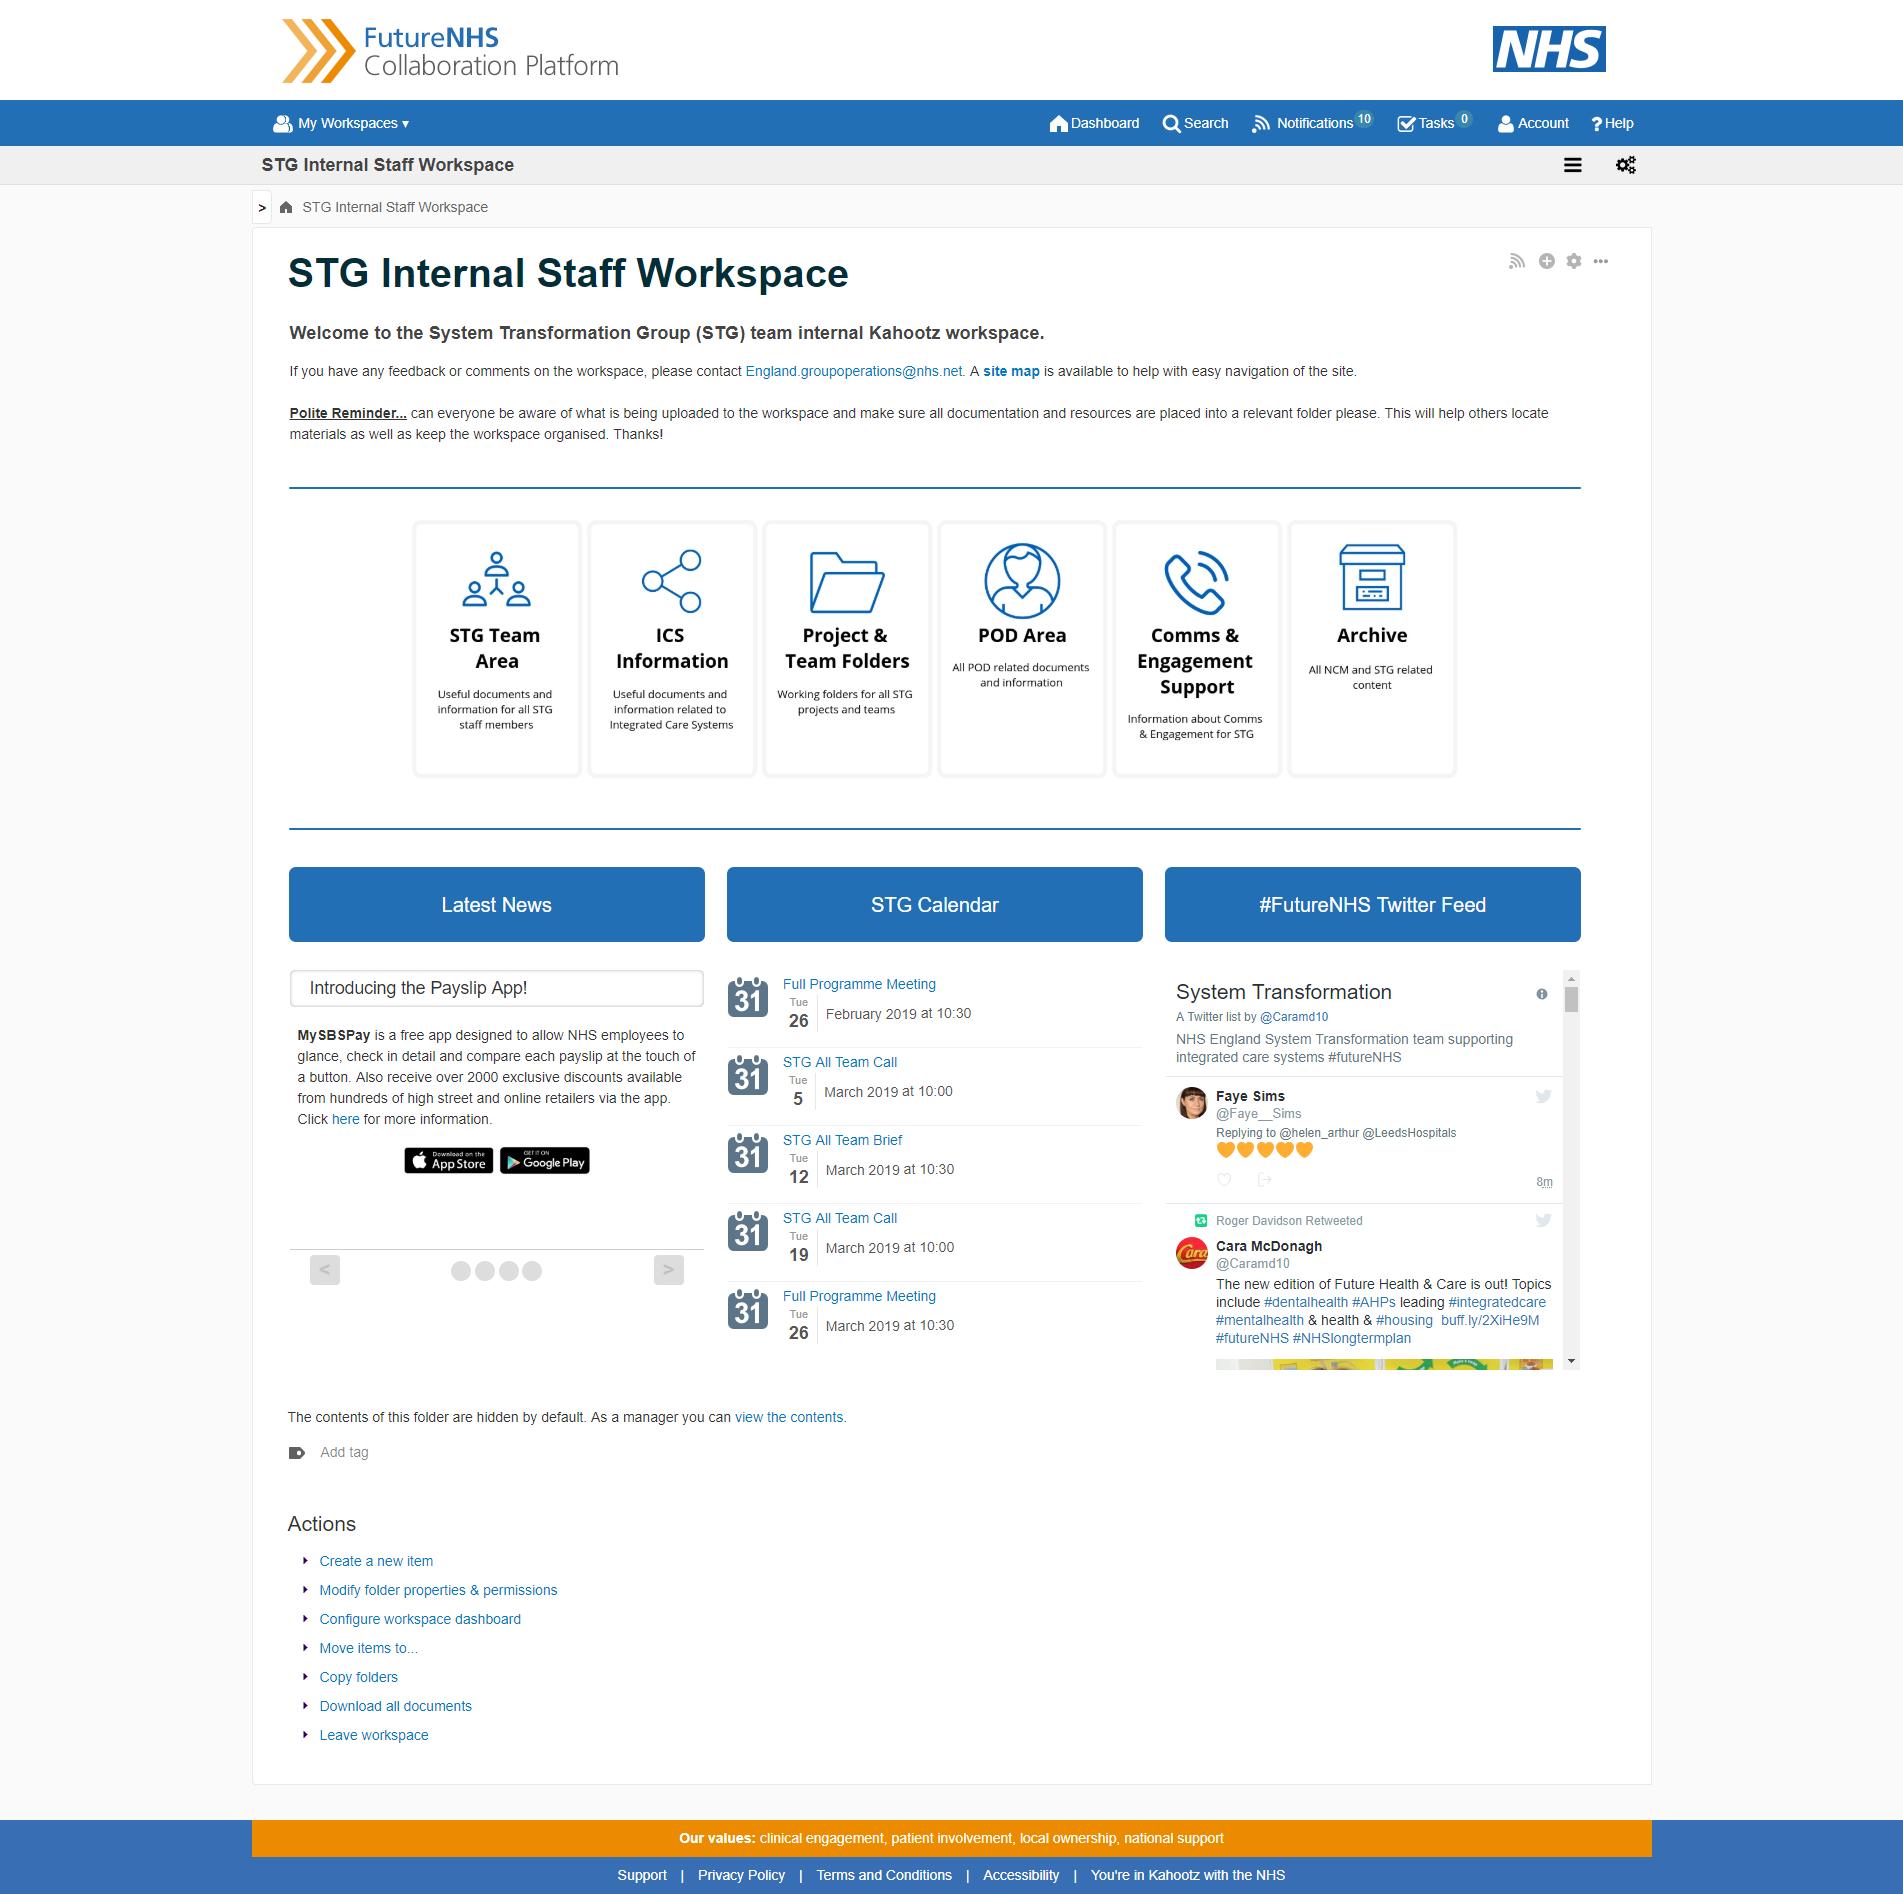 screenshot-future.nhs.uk-2019.02.21-10-5